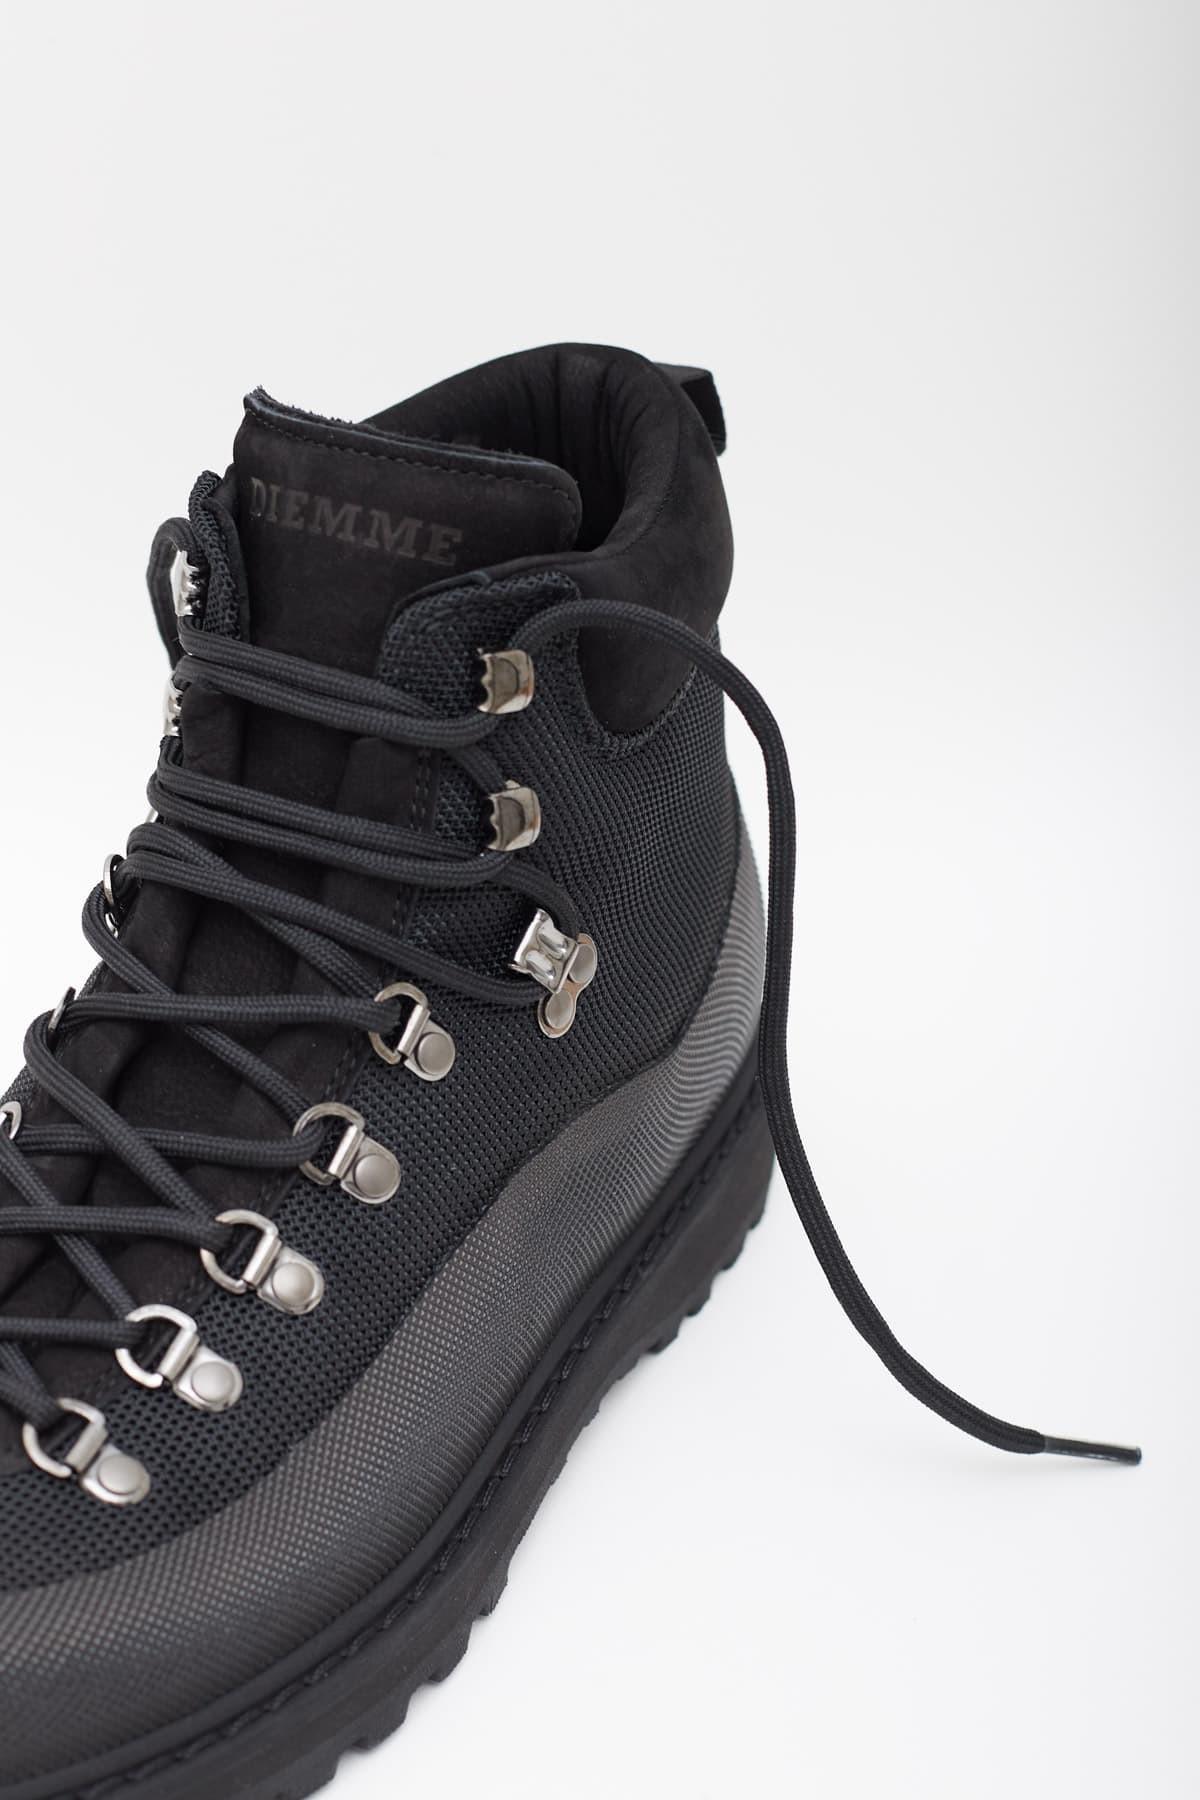 Comprar Maison Kitsuné Mint Chillax Patch Tote Bag